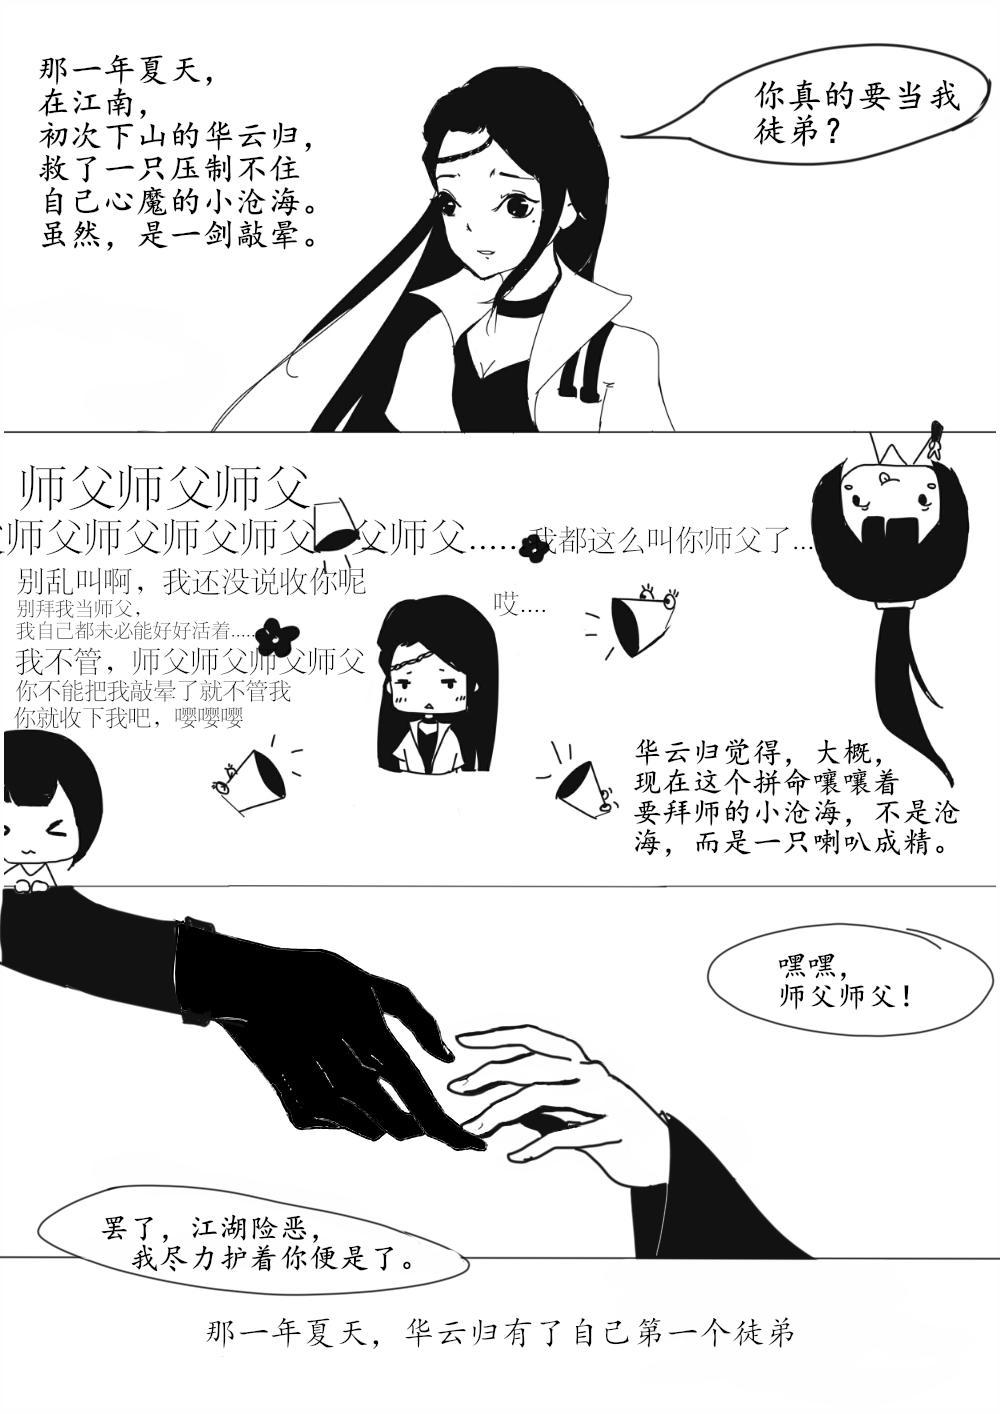 【江湖笔墨客】少年,听说你捡了个徒弟?